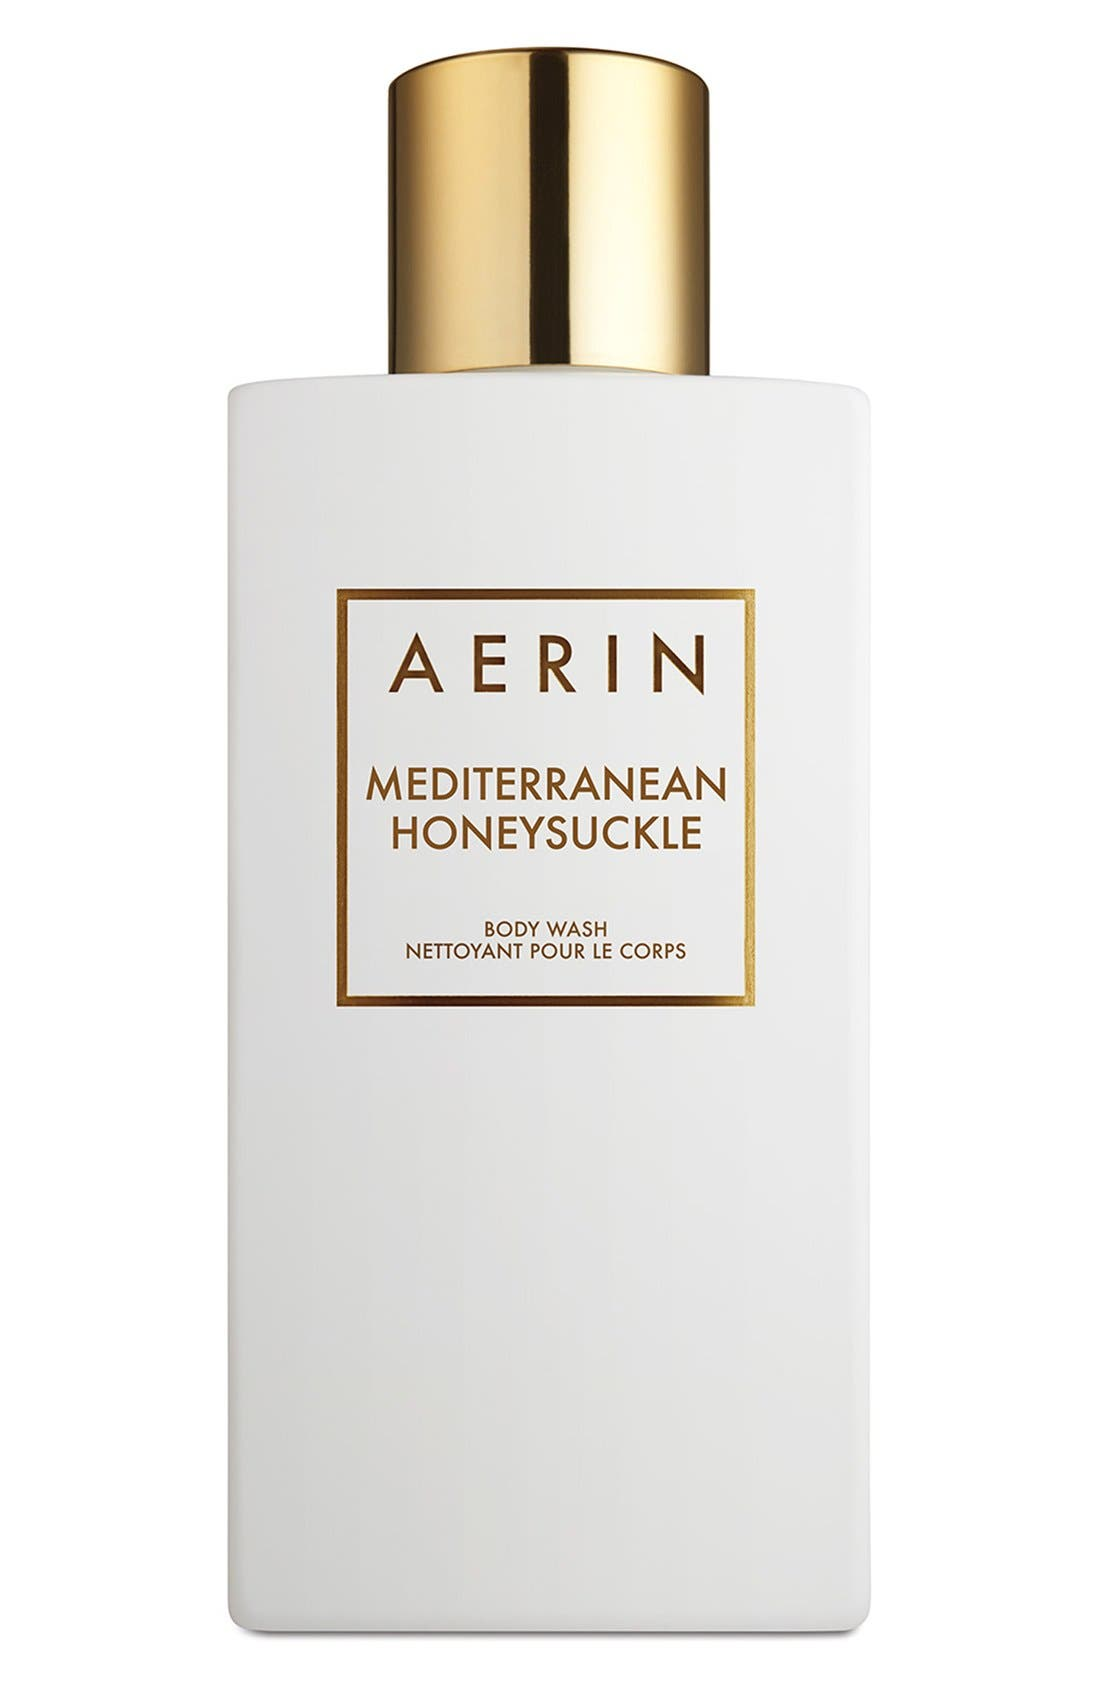 AERIN Beauty Mediterranean Honeysuckle Body Wash